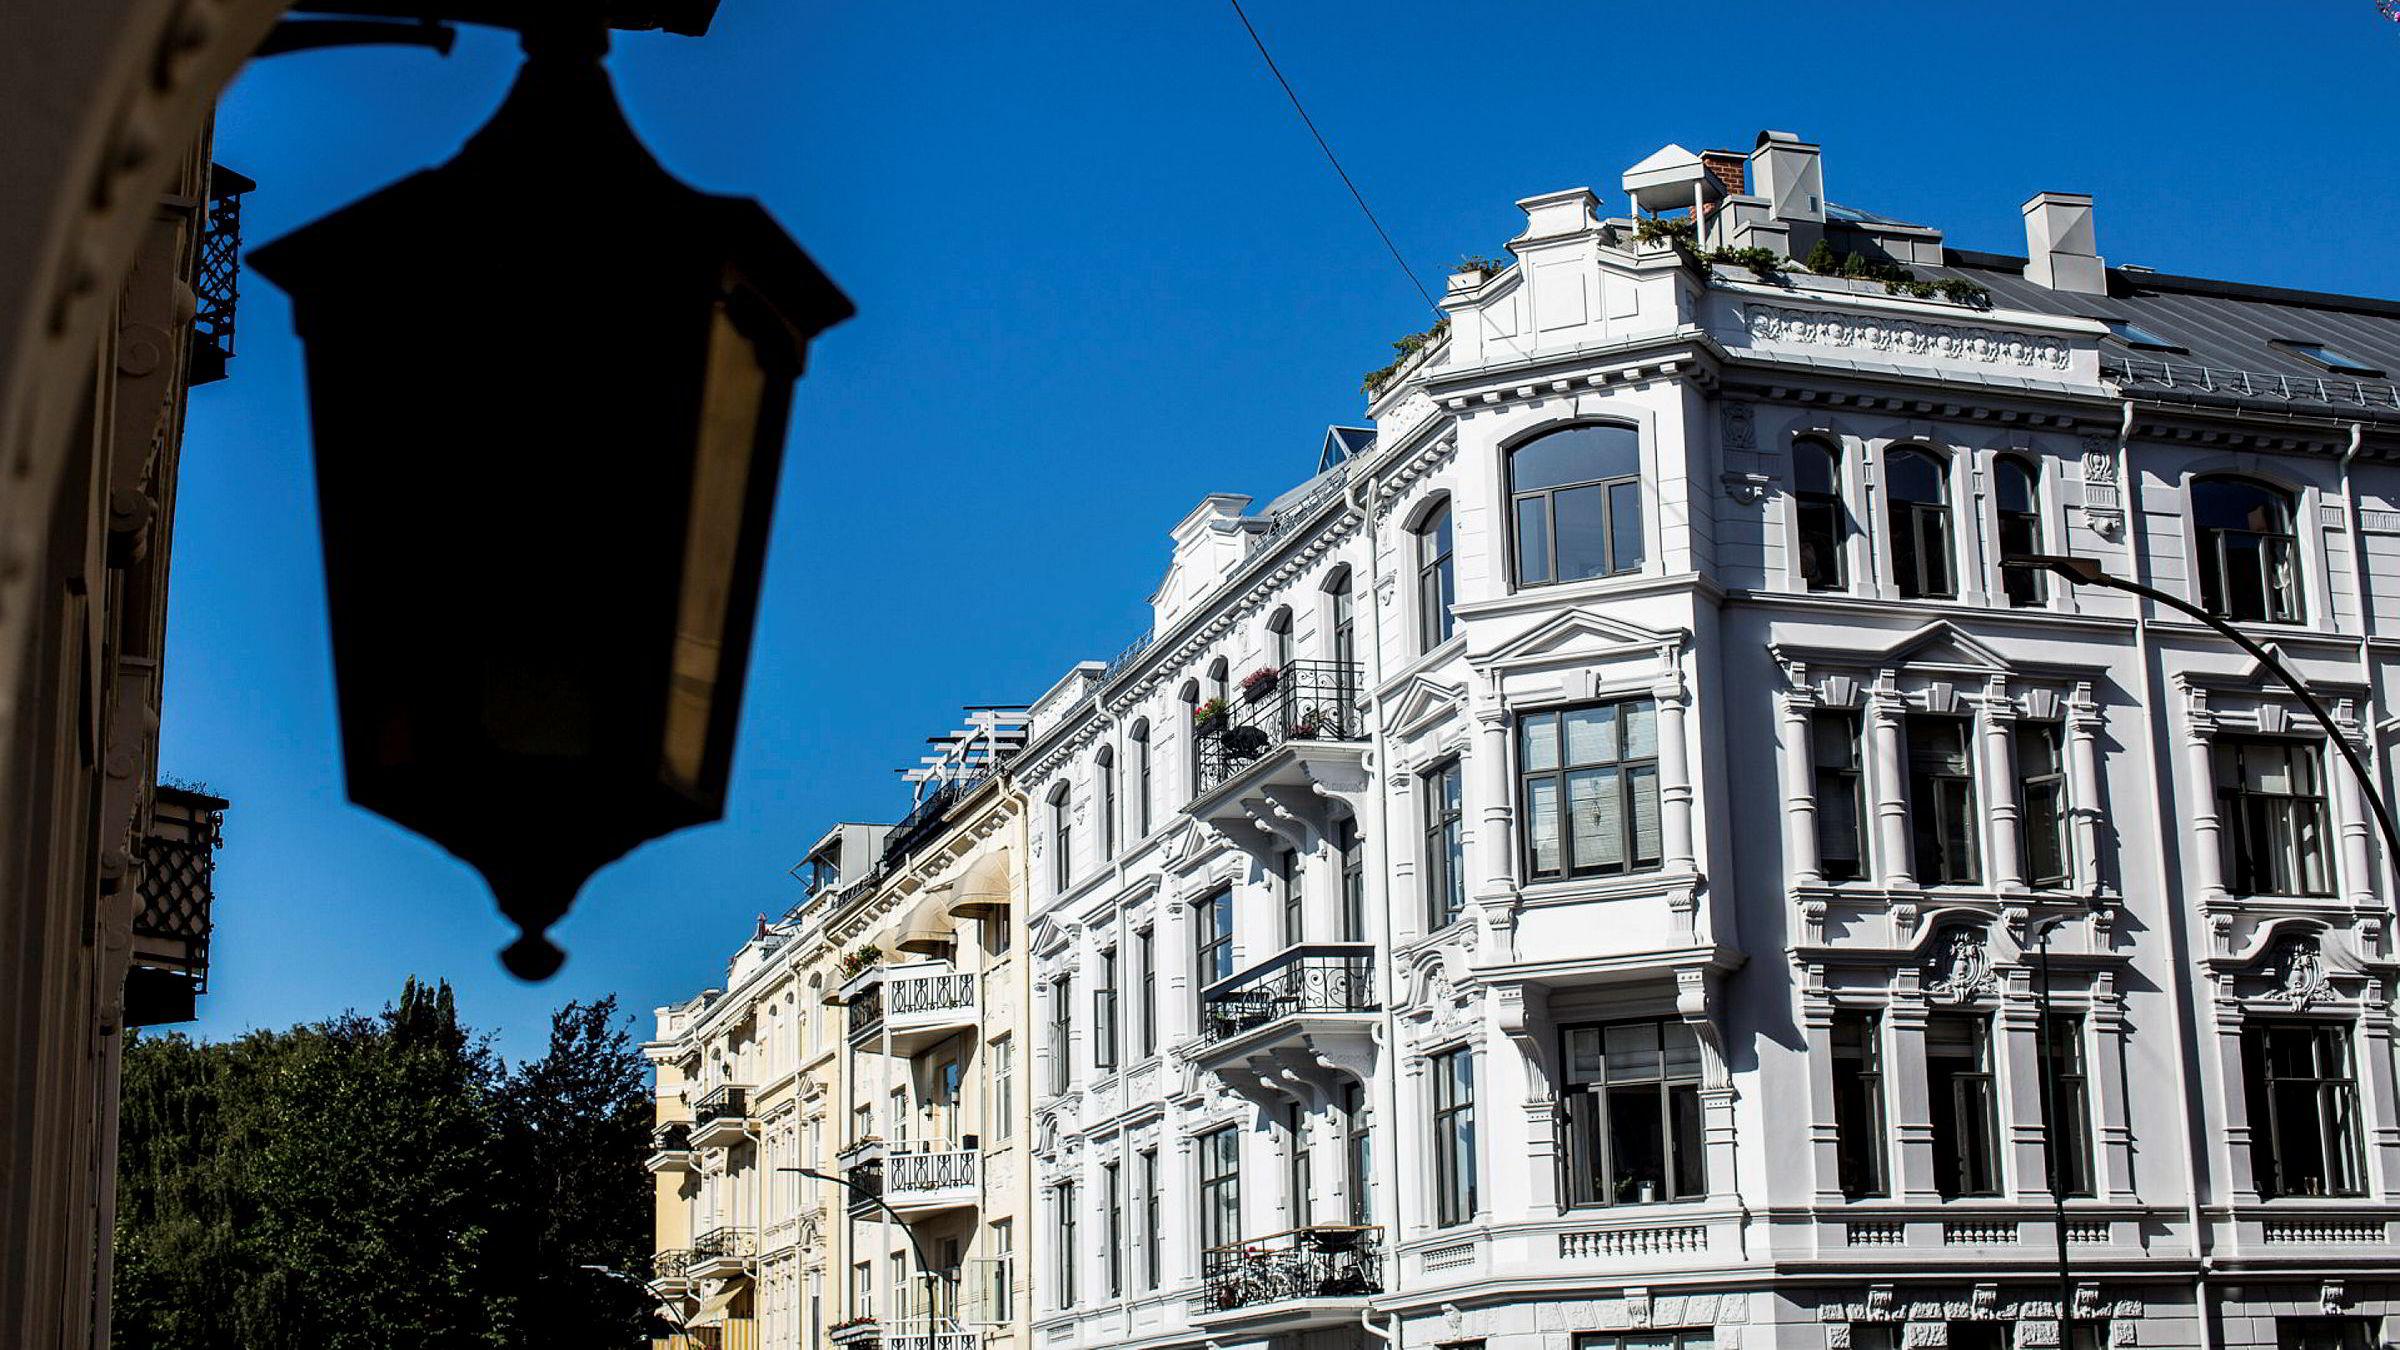 En eiendomsskatt skal ikke falle på et mindretall av eiendommer som befinner seg i utvalgte bydeler, skriver artikkelforfatteren.